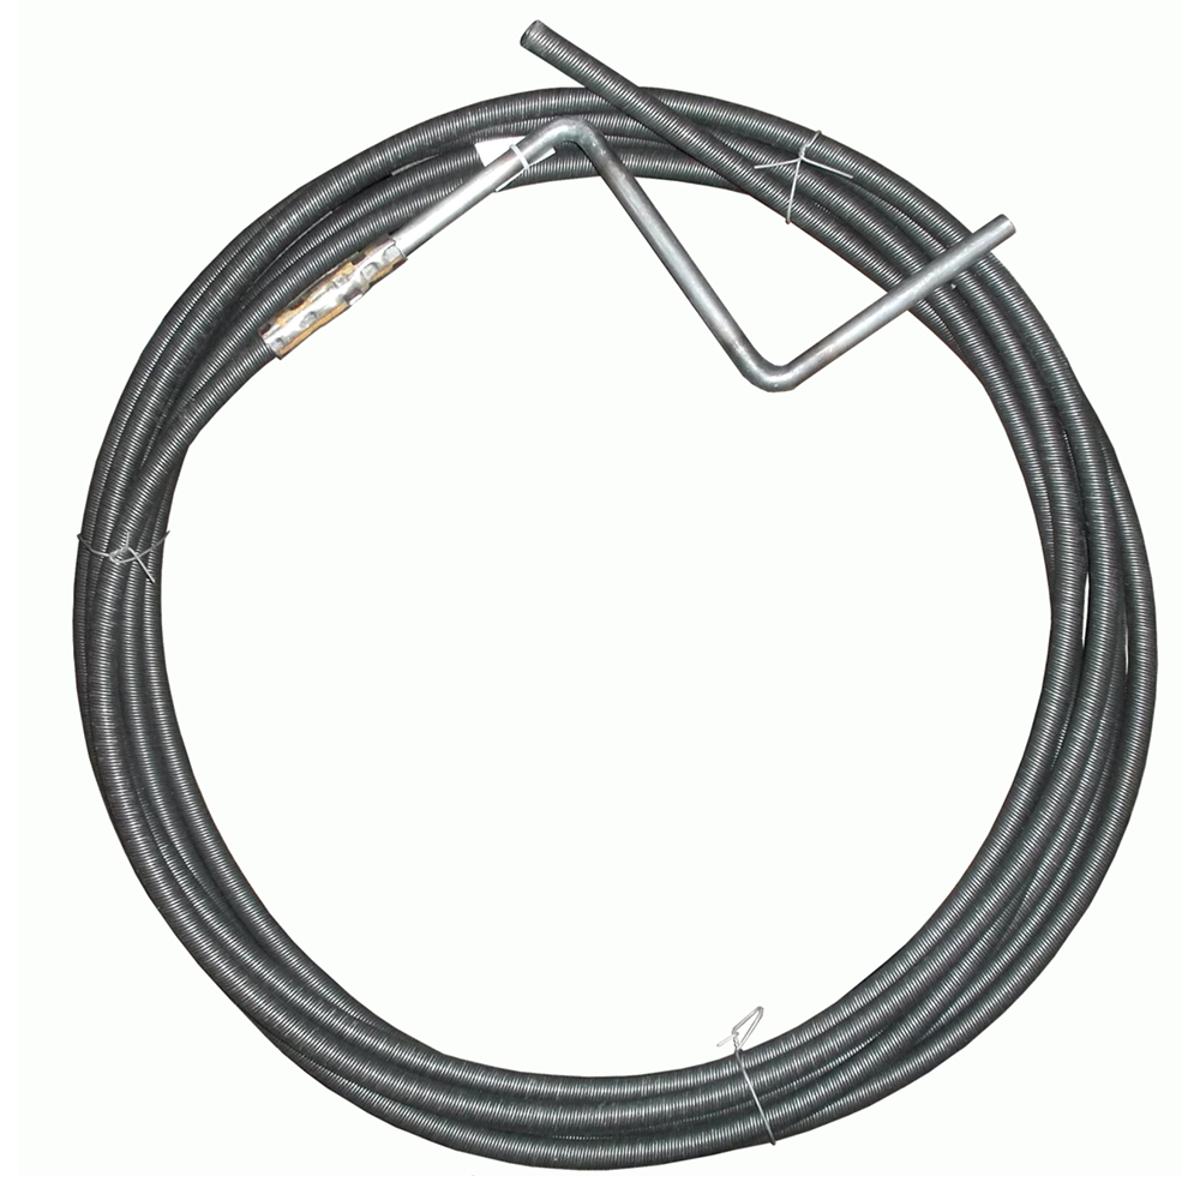 Трос для прочистки канализационных труб Masterprof, пружинный, 9 мм х 5 м трос пружинный для прочистки канализационных труб masterprof 6 мм х 5 м